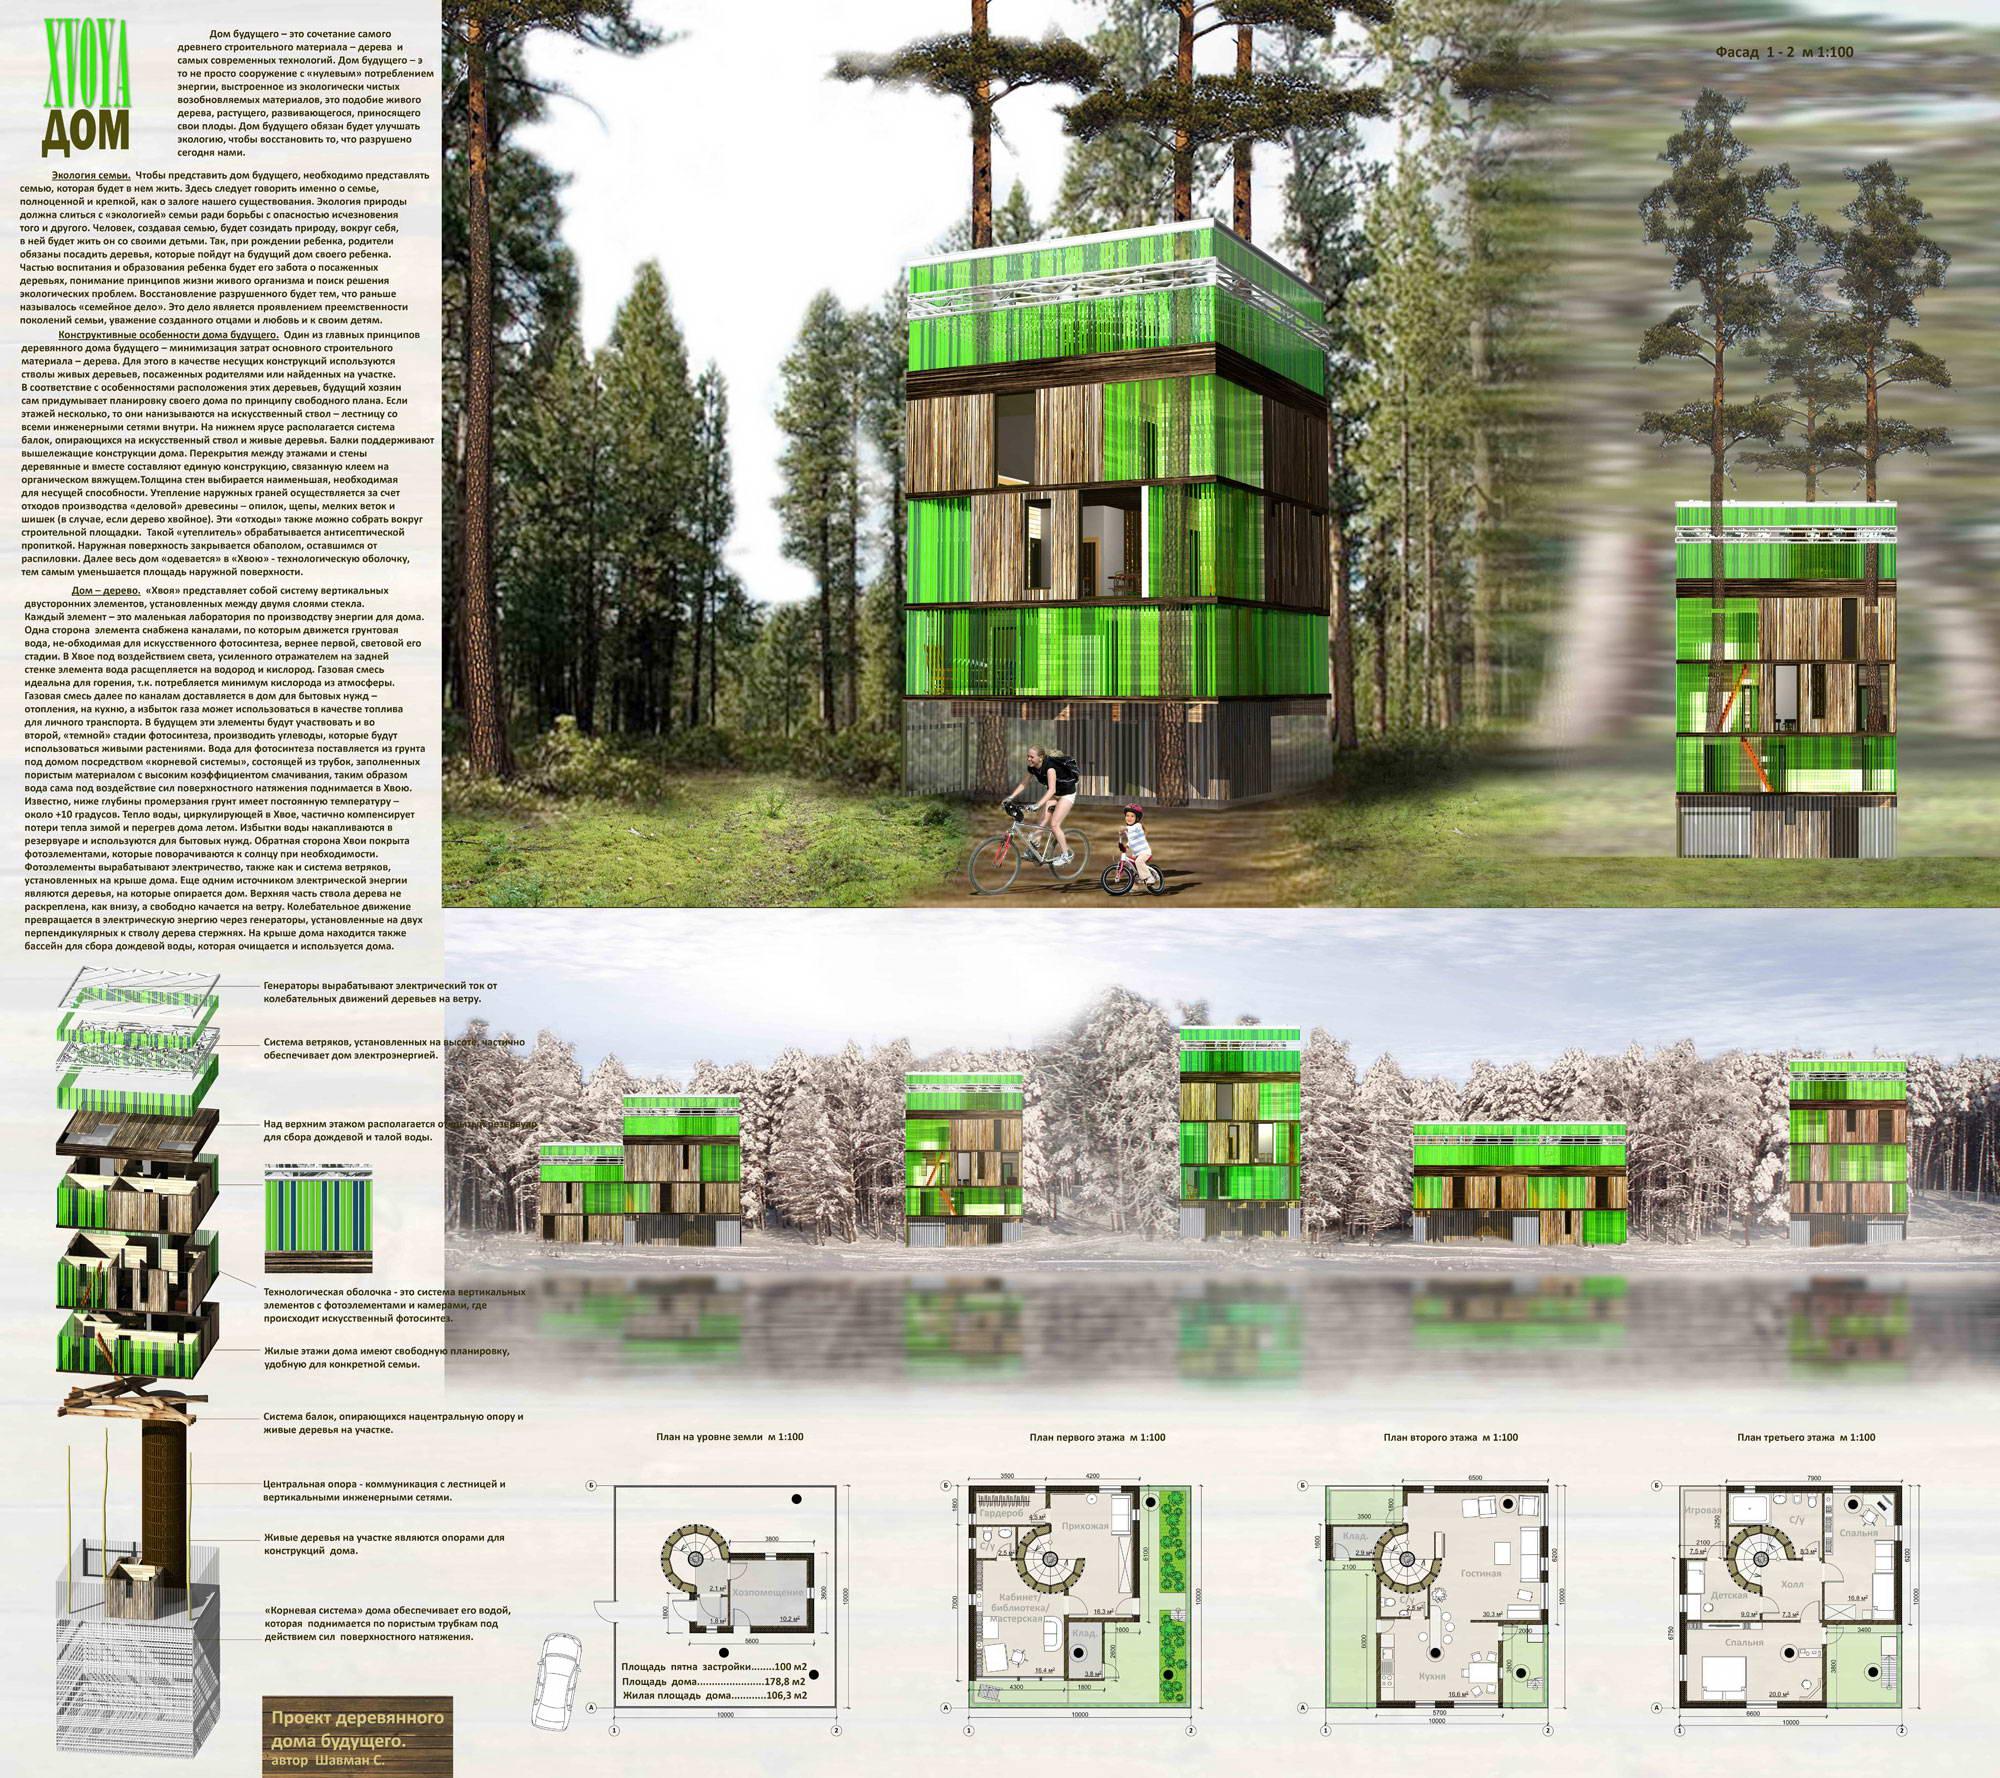 Пермь графика, бесплатные фото, обои ...: pictures11.ru/perm-grafika.html